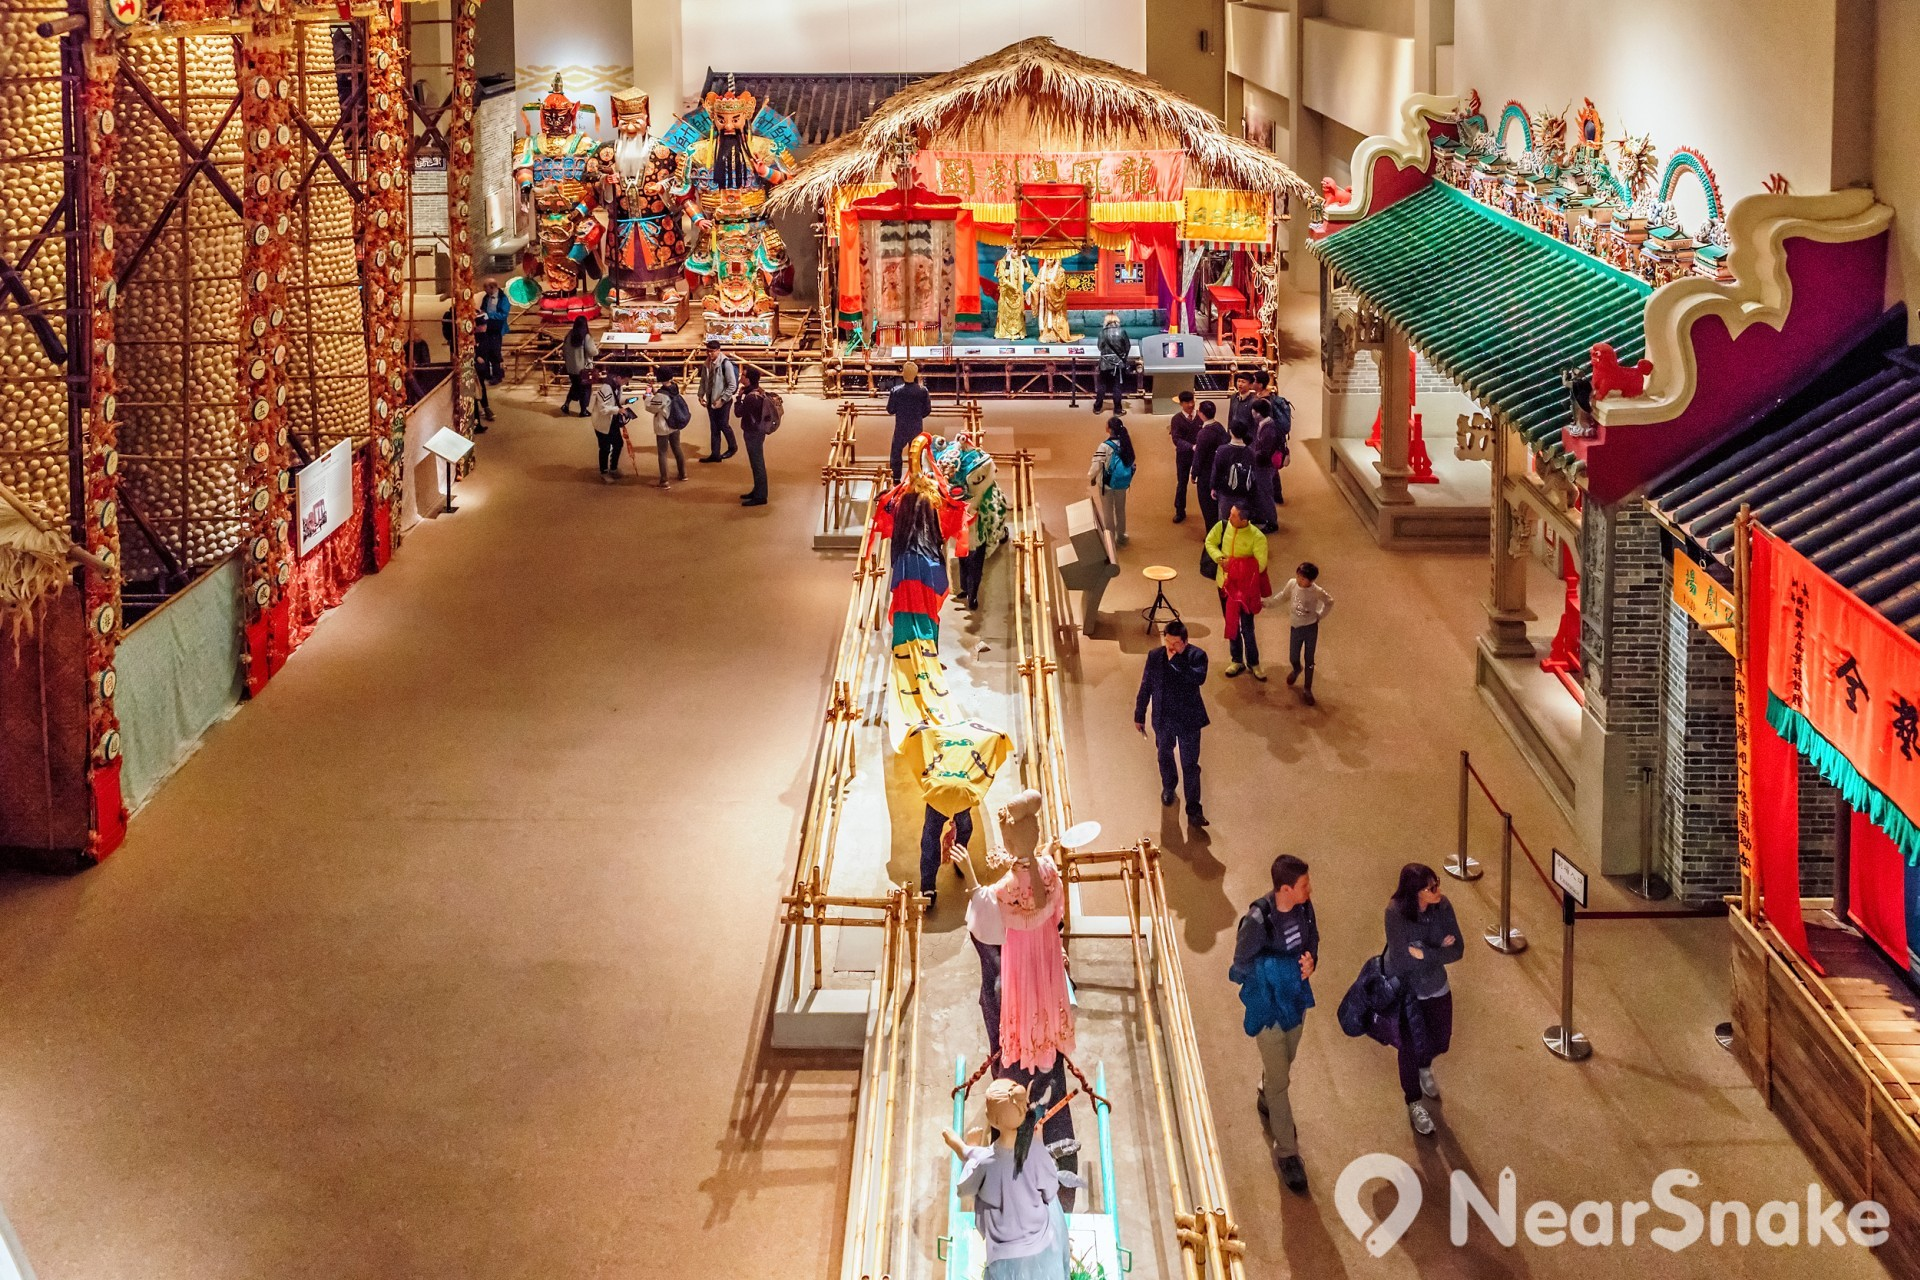 香港歷史博物館內展出不少具香港傳統特色的大型展品,如:戲棚、廟宇、神祇等。